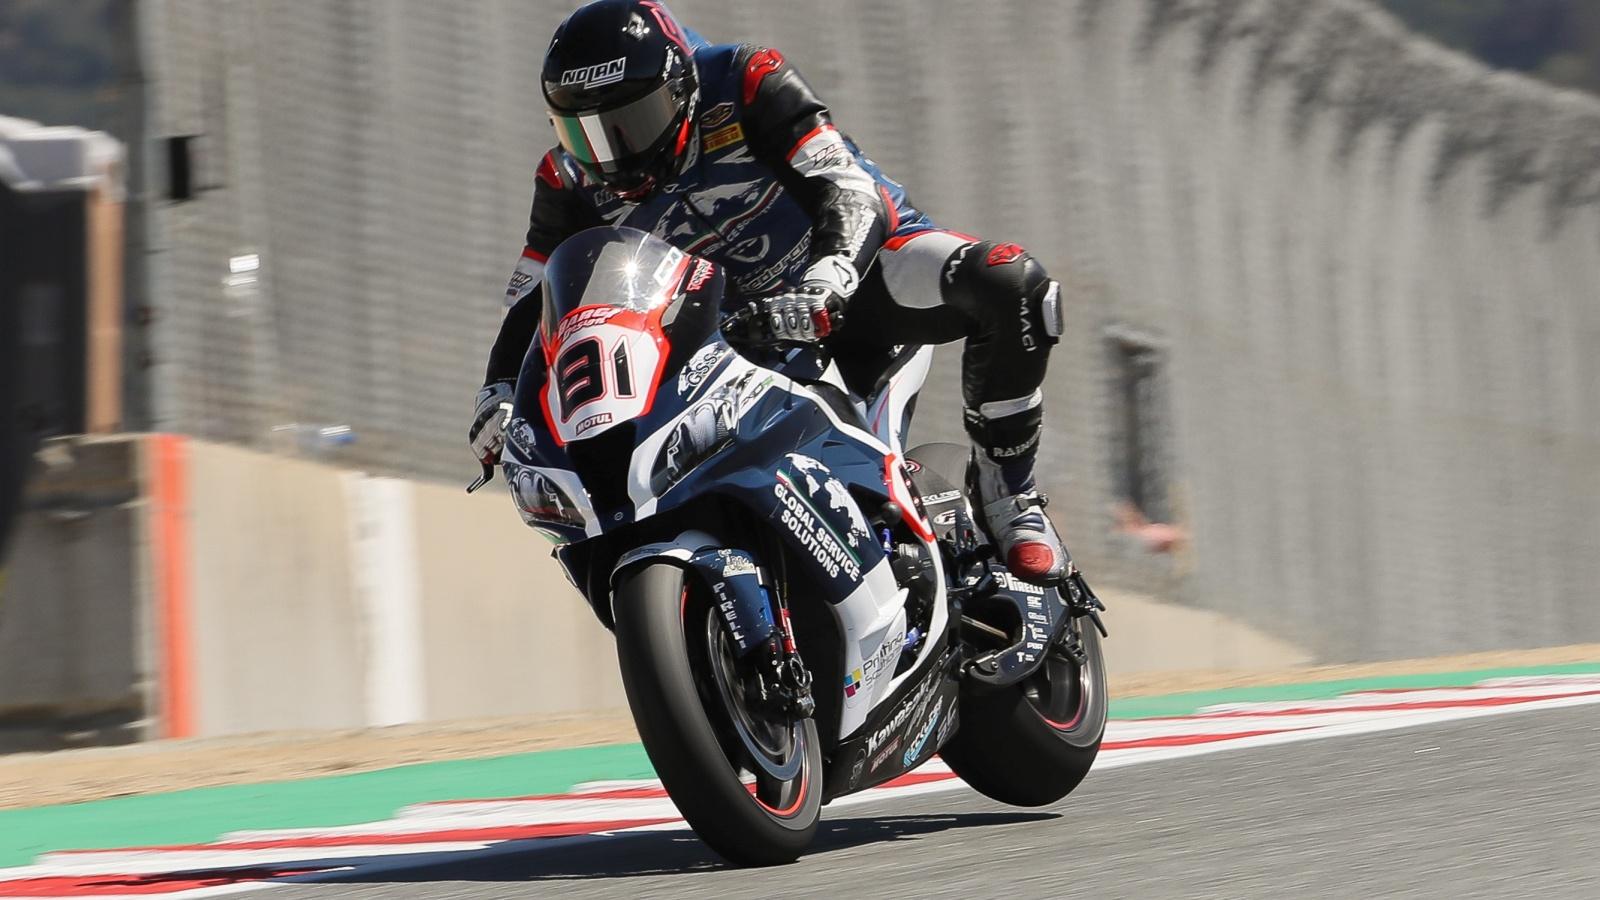 Jordi Torres seguirá con Kawasaki en SBK 2020 con Lorenzo Savadori de compañero